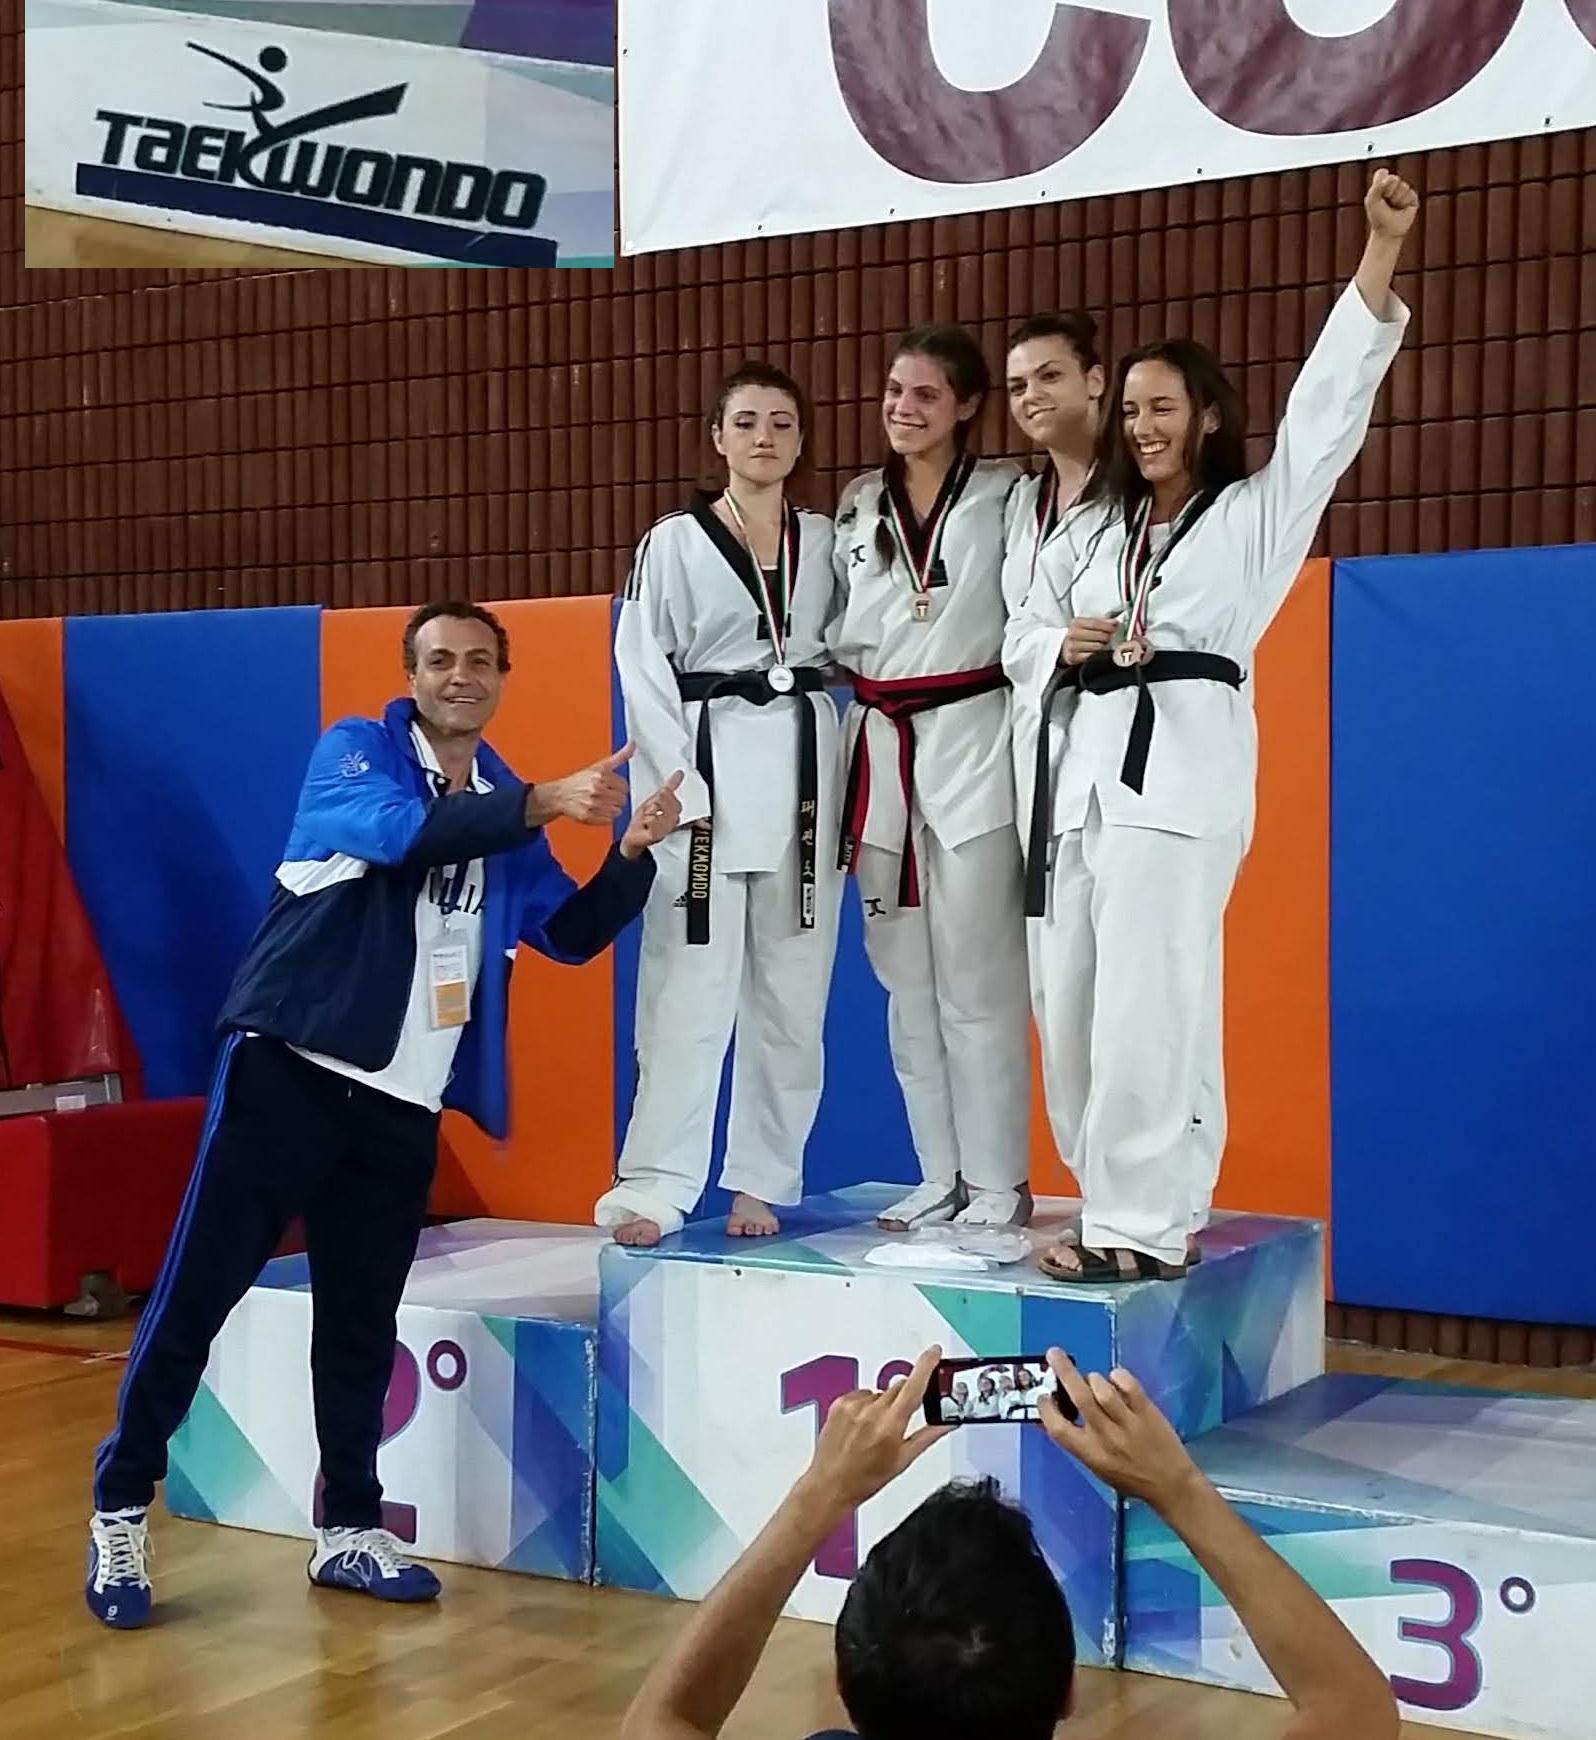 Stefania Sansone 67 Campionessa Universitaria Cus Palejpg